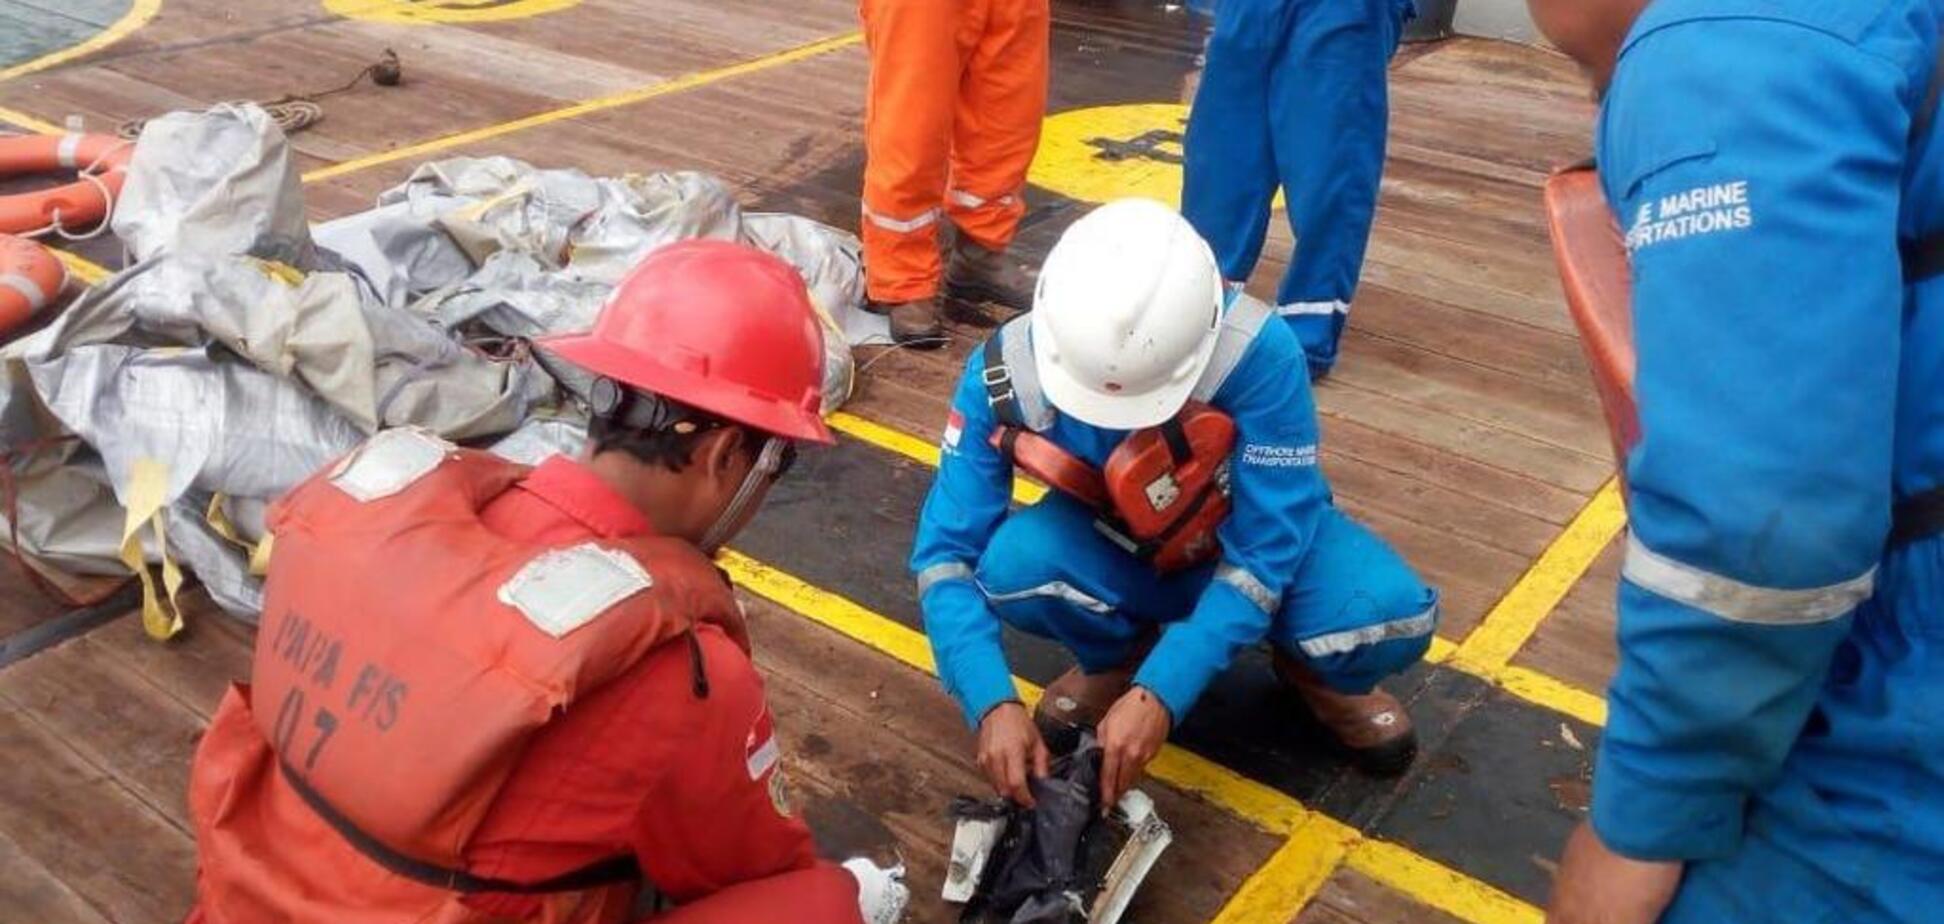 Телефоны и сумки: появились первые фото и видео с места крушения Boeing 737 в Индонезии